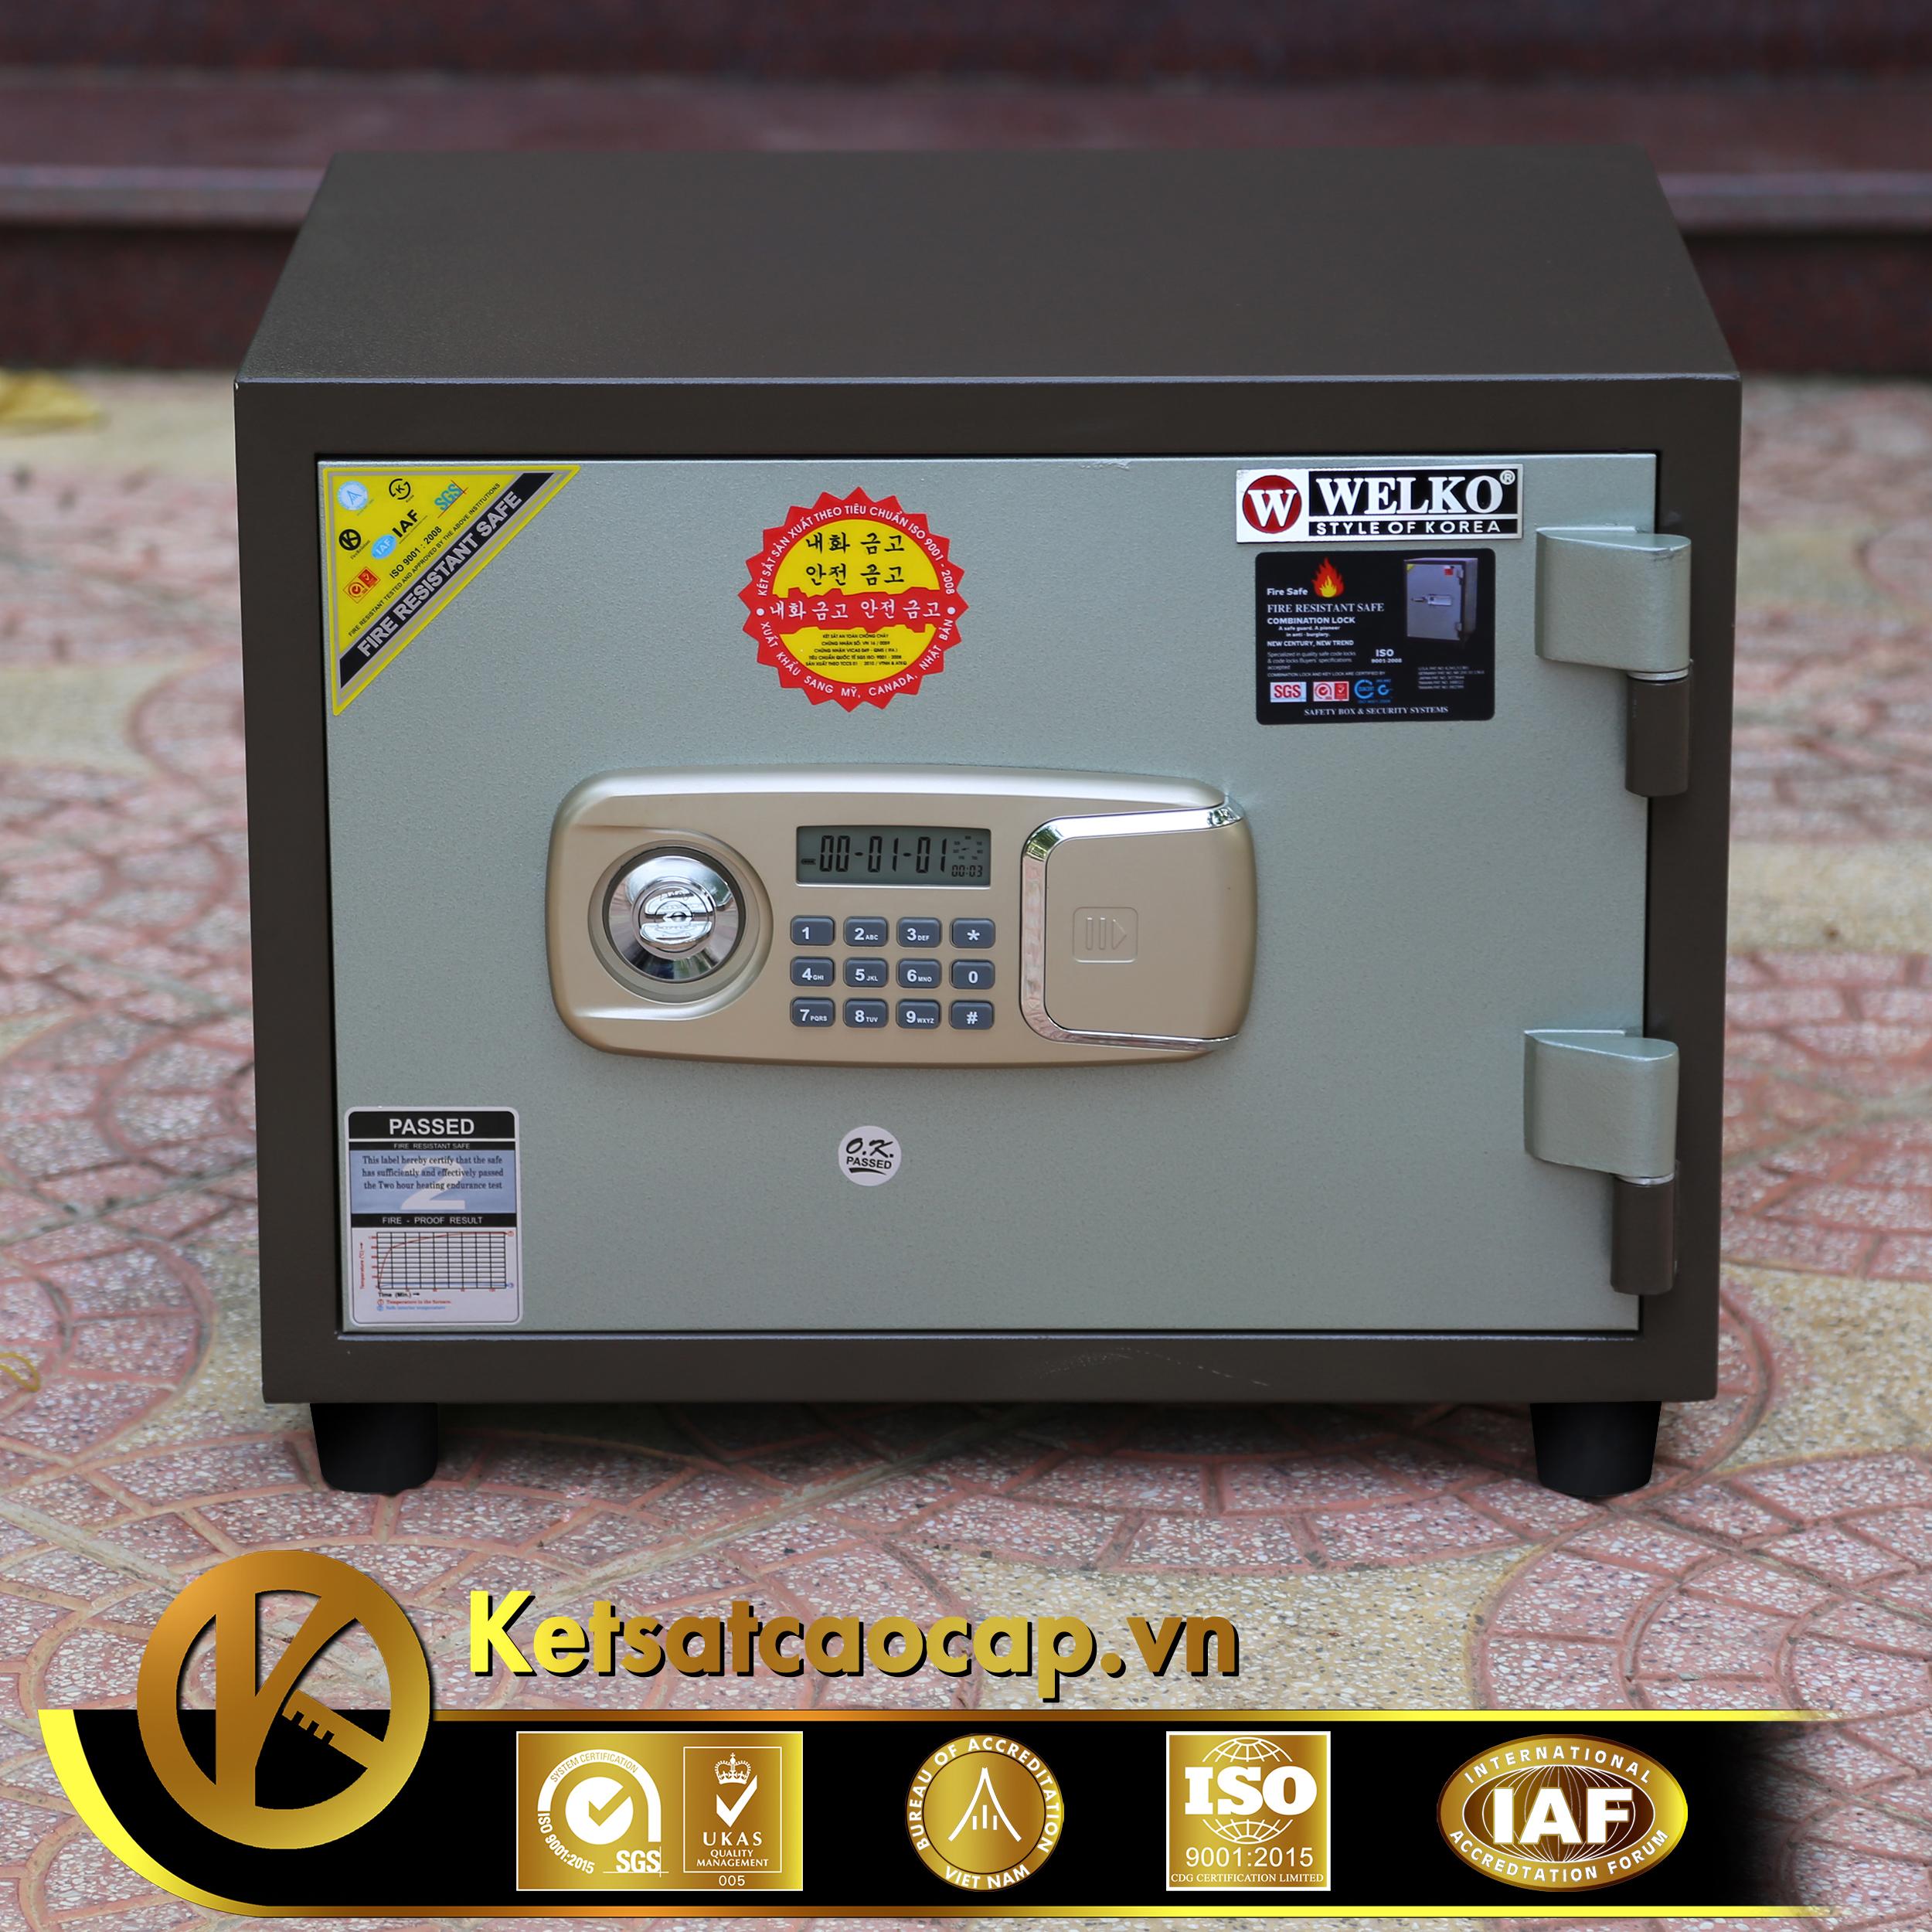 Két sắt văn phòng KS80N Brown-Series E Vietnam